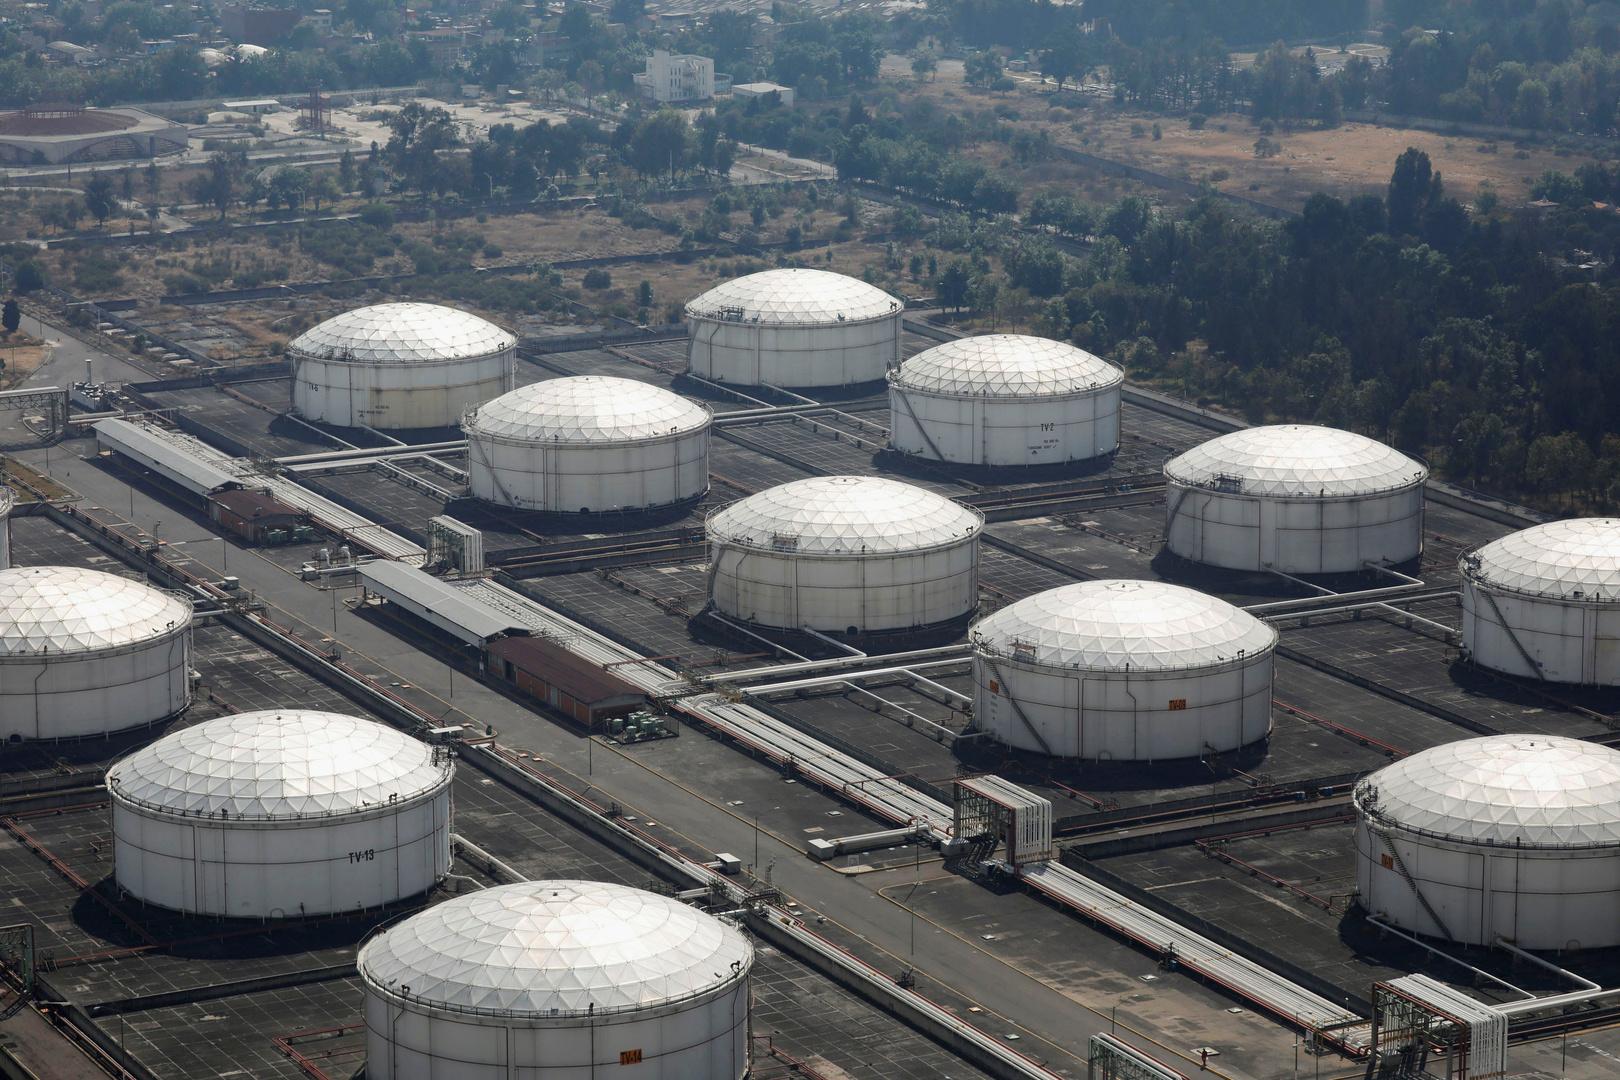 فيروس كورونا سيغير جذريا سوق النفط العالمية